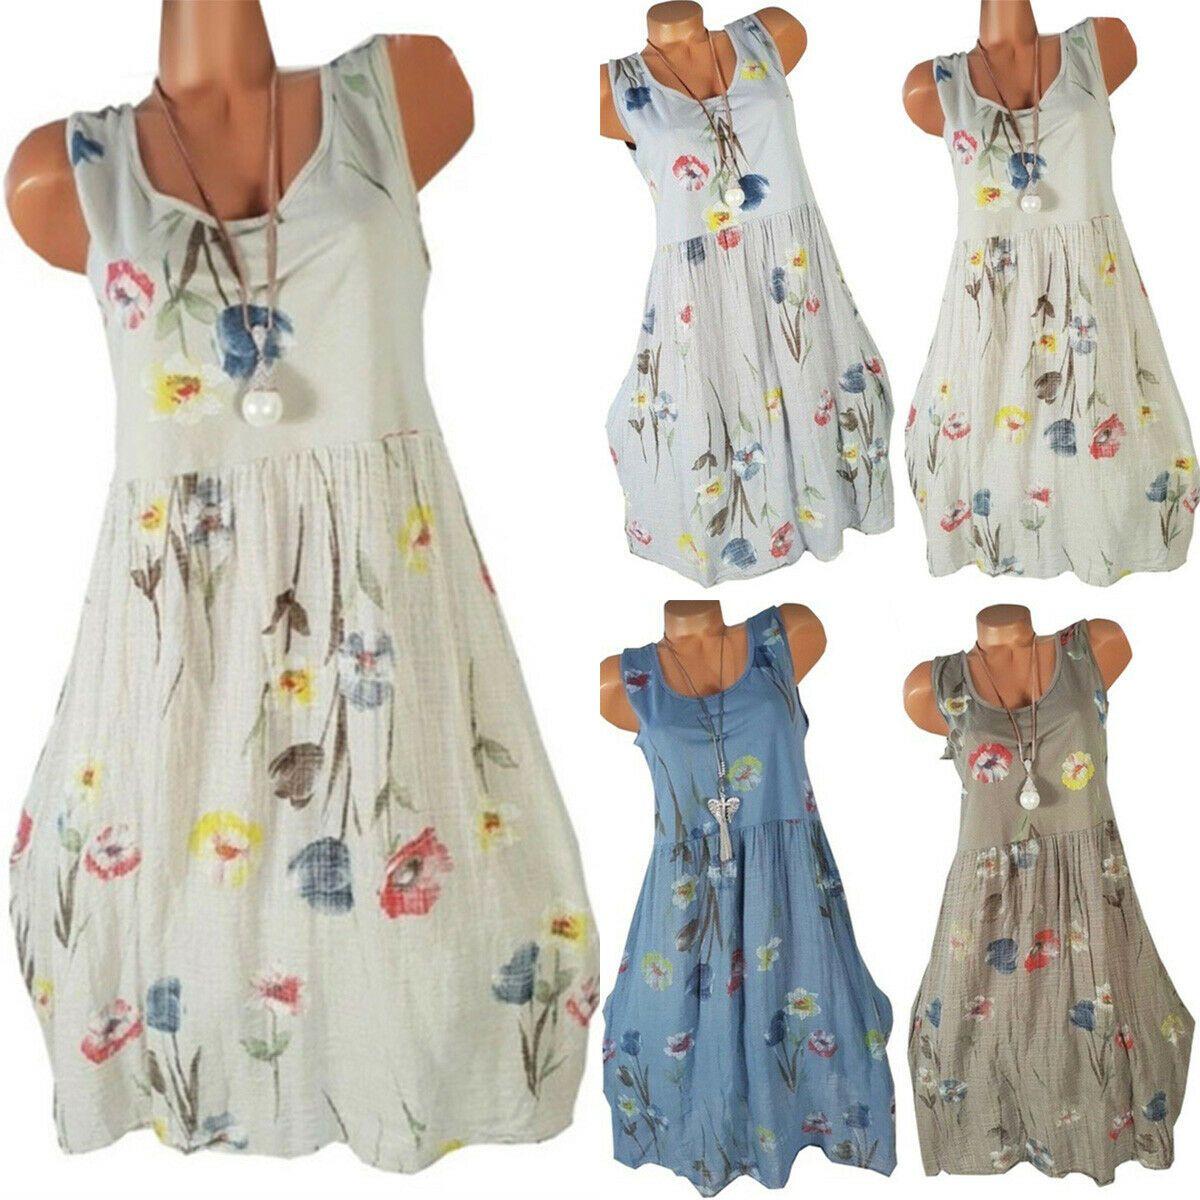 Damen Blumen Kleid Trägerkleid Party Sommerkleid Freizeitkleid